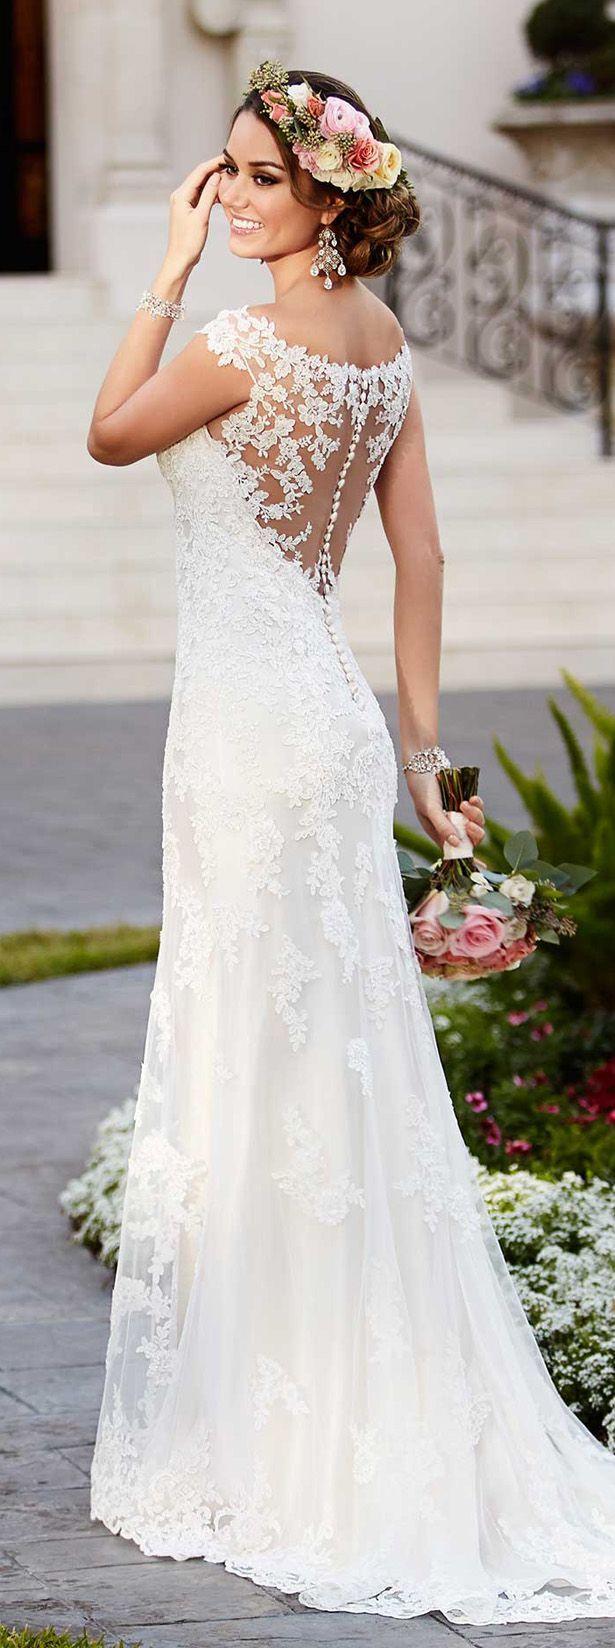 belle robe de mariage en images 145 et plus encore sur www. Black Bedroom Furniture Sets. Home Design Ideas